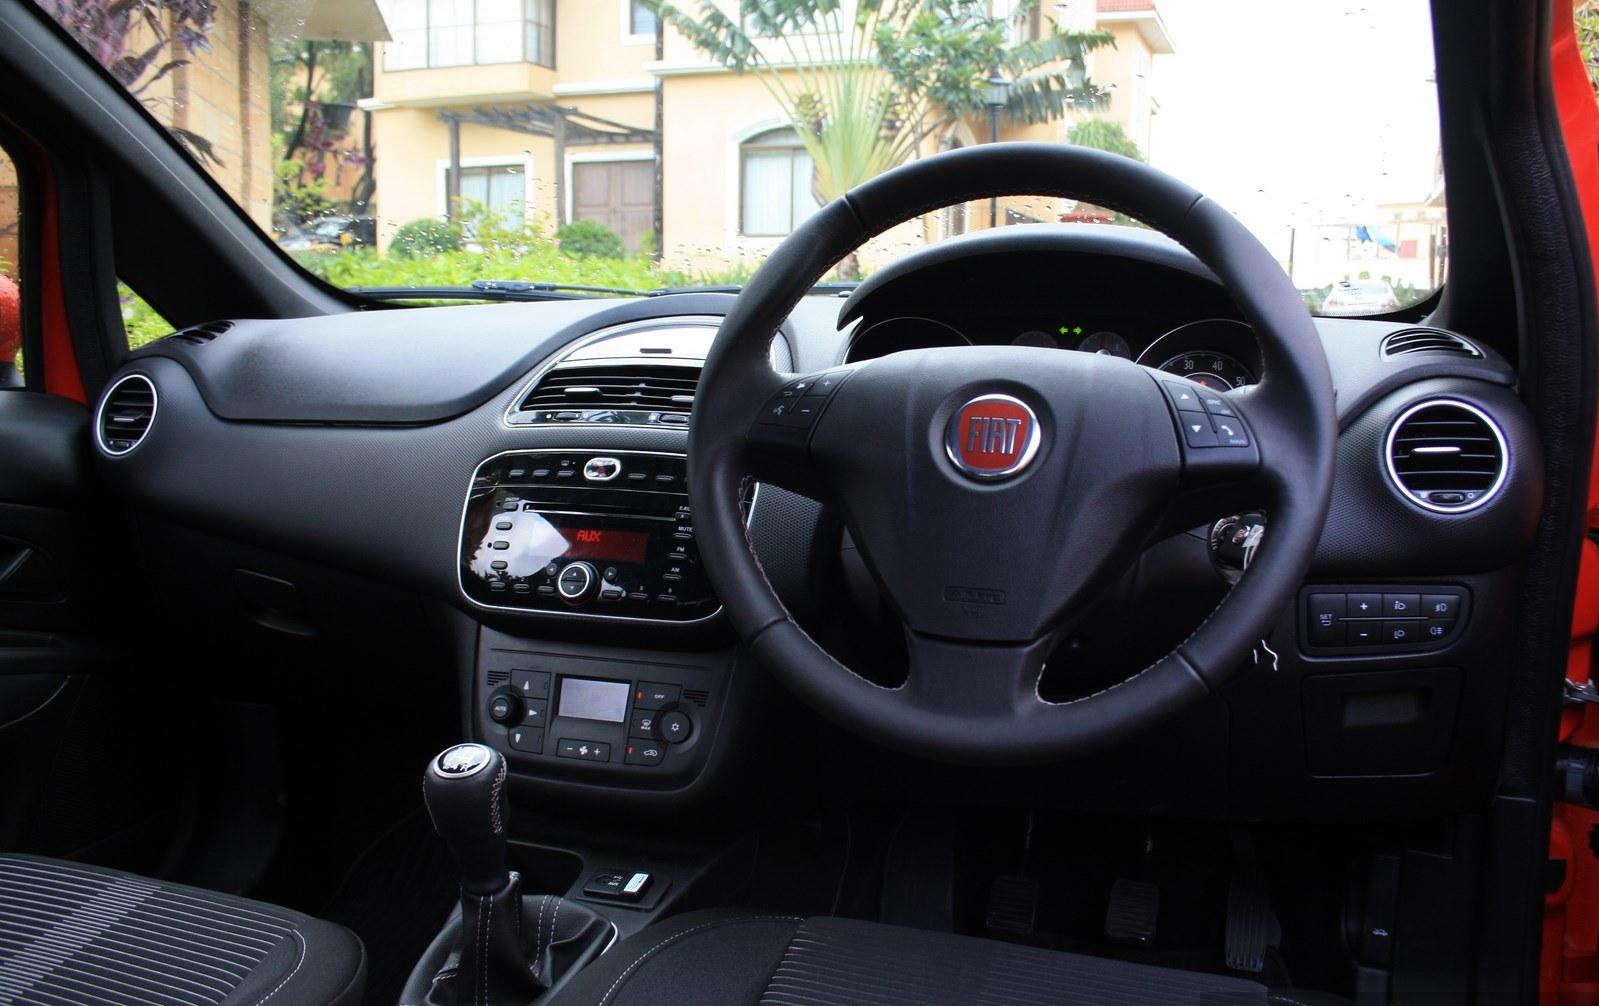 Fiat Punto Evo Review – Exclusive | SAGMart on fiat 500l, fiat coupe, fiat panda, fiat cars, fiat marea, fiat multipla, fiat ritmo, fiat cinquecento, fiat doblo, fiat 500 turbo, fiat linea, fiat barchetta, fiat seicento, fiat stilo, fiat 500 abarth, fiat spider, fiat x1/9, fiat bravo,